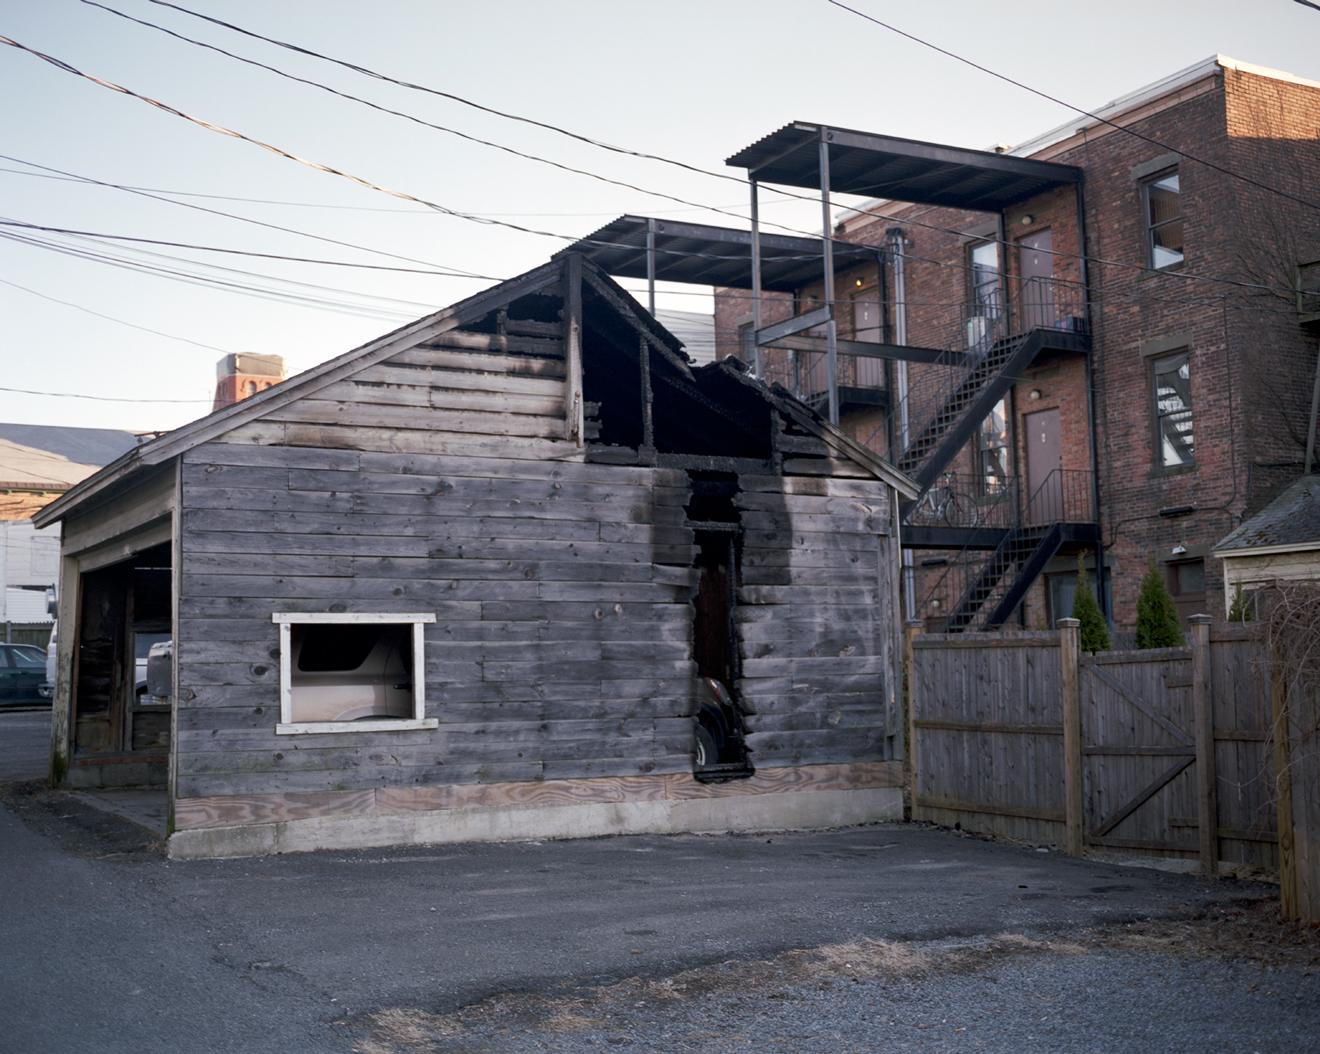 PrisonAlley.BurntGarageSmall.jpg